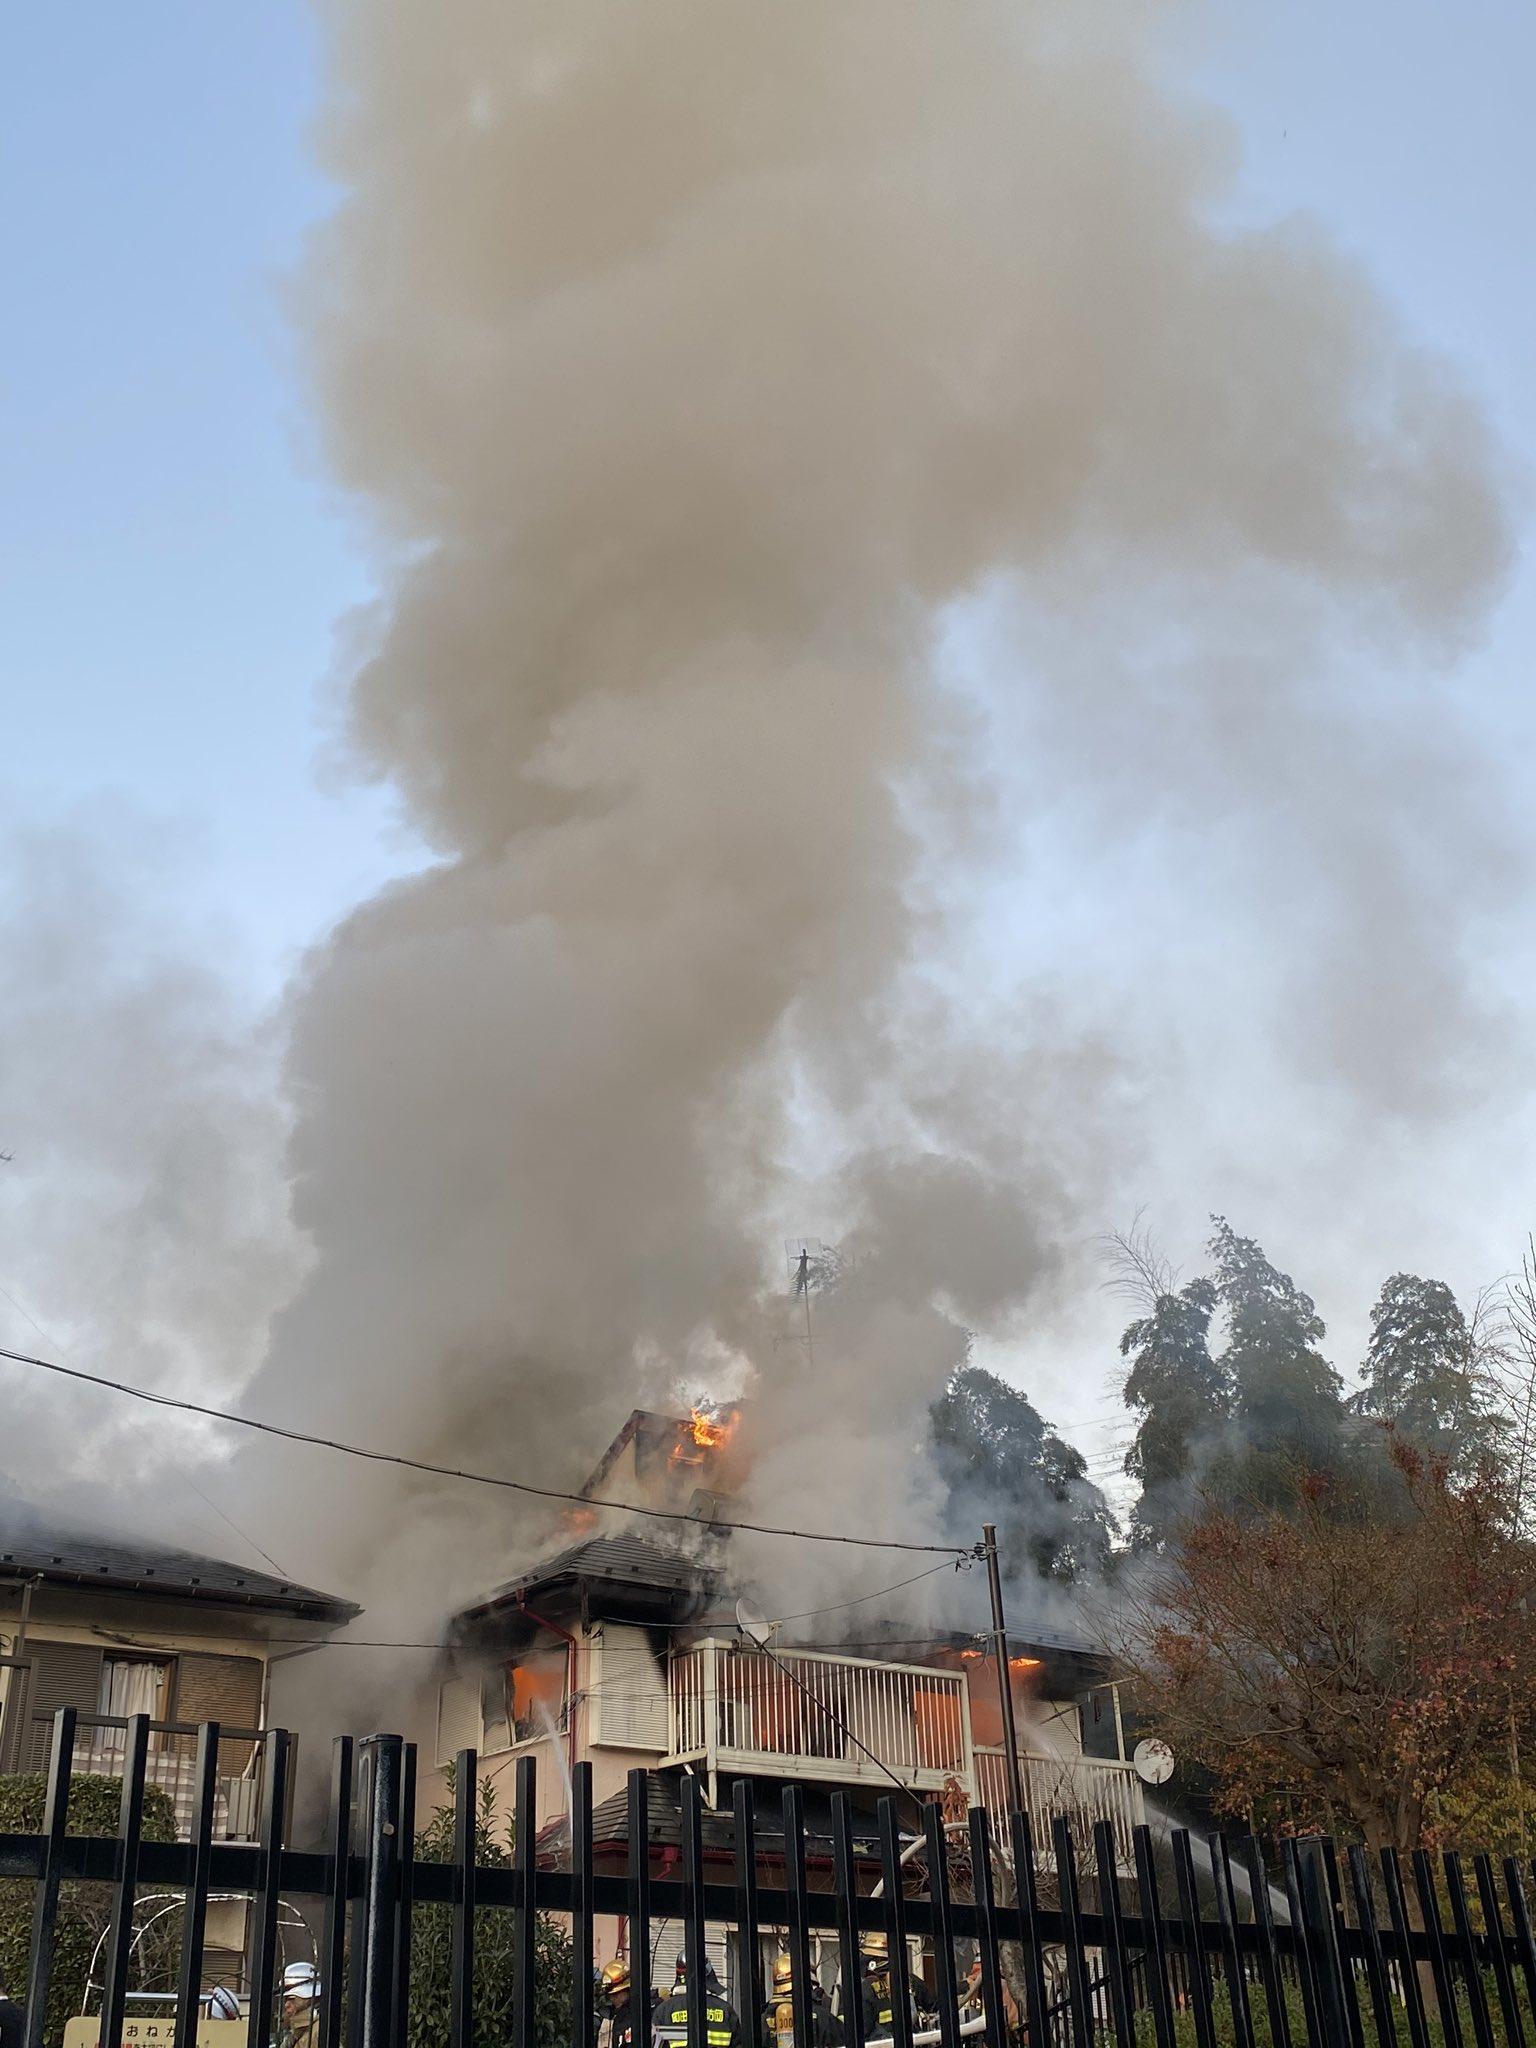 町田市上小山田町の住宅が激しく燃えている火災現場の画像